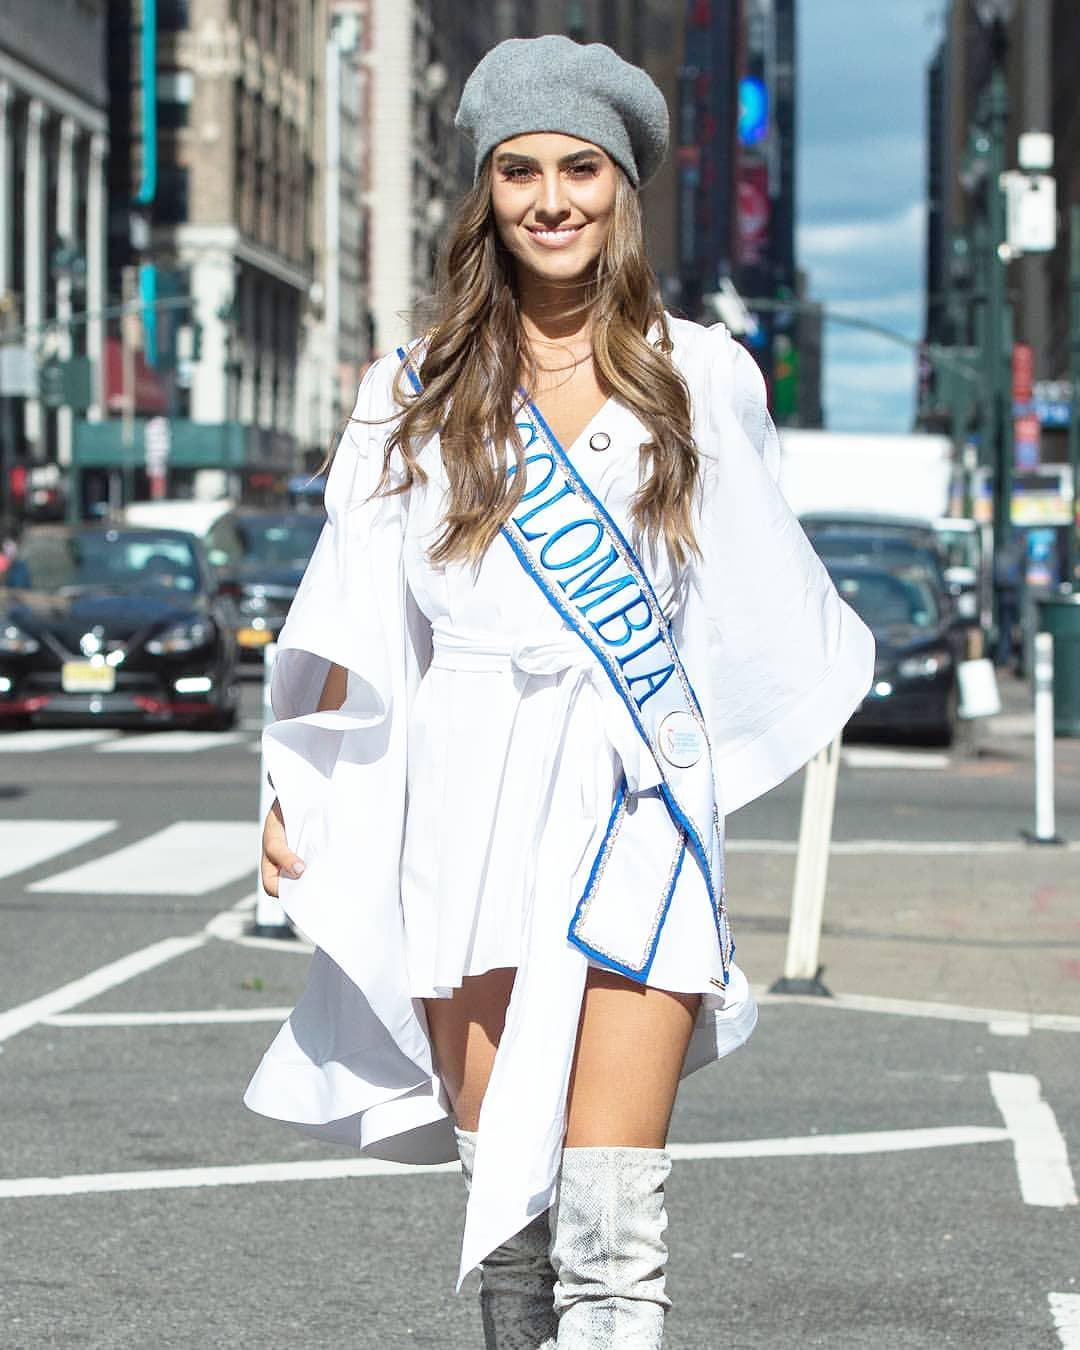 valeria morales, miss colombia universo 2018. - Página 5 43818213